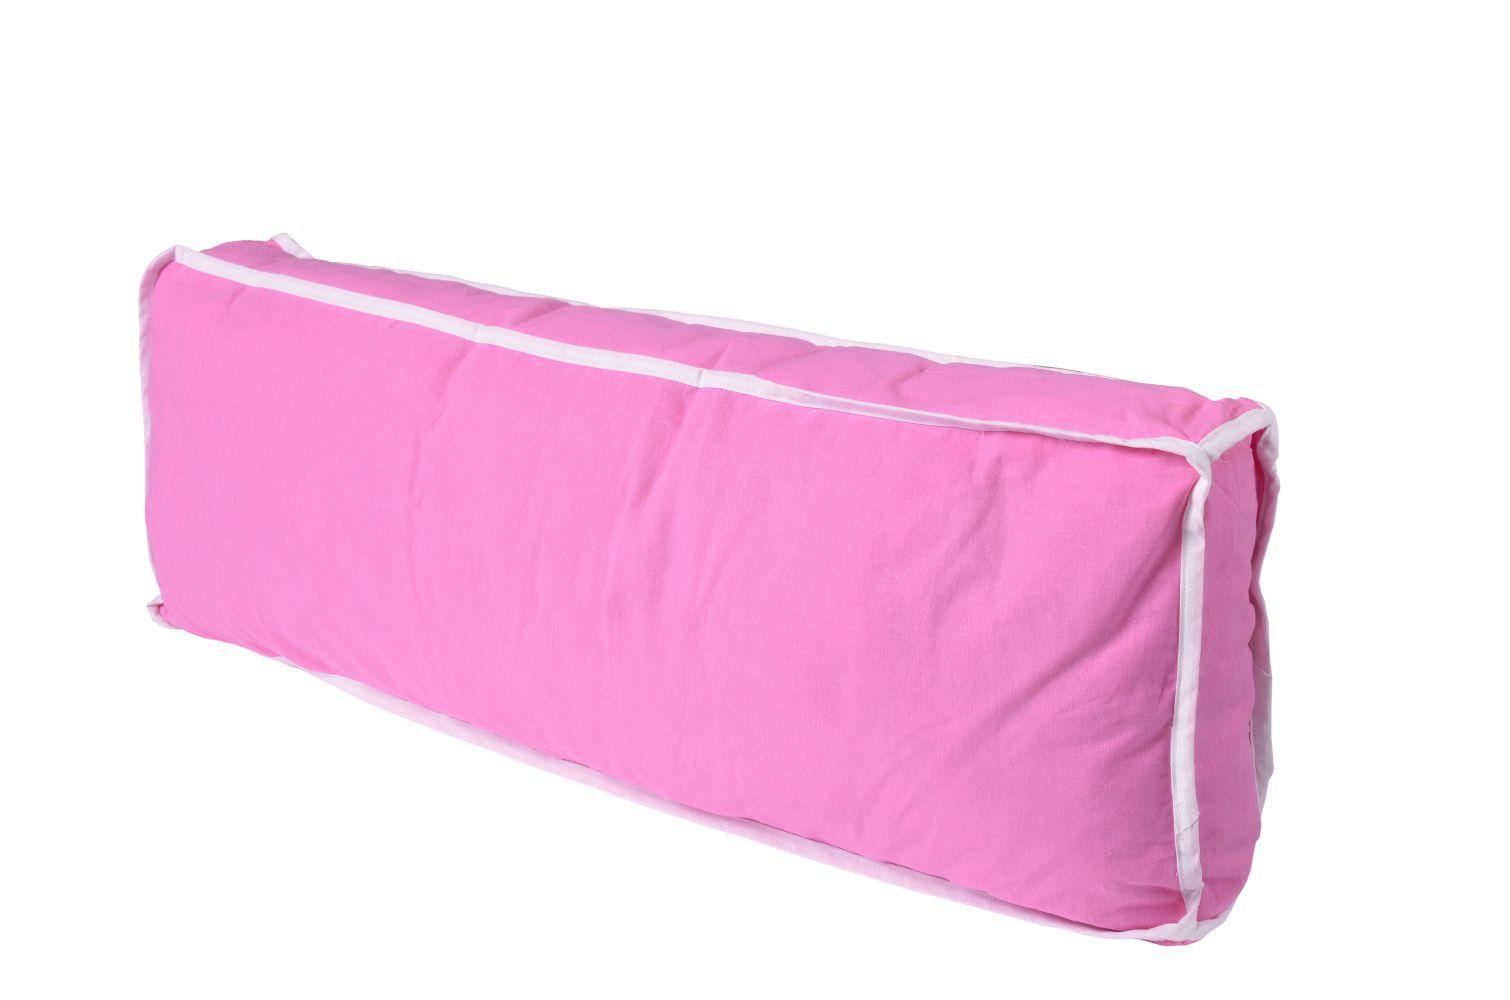 Seitenkissen - Farbe:Rosa/Weiß